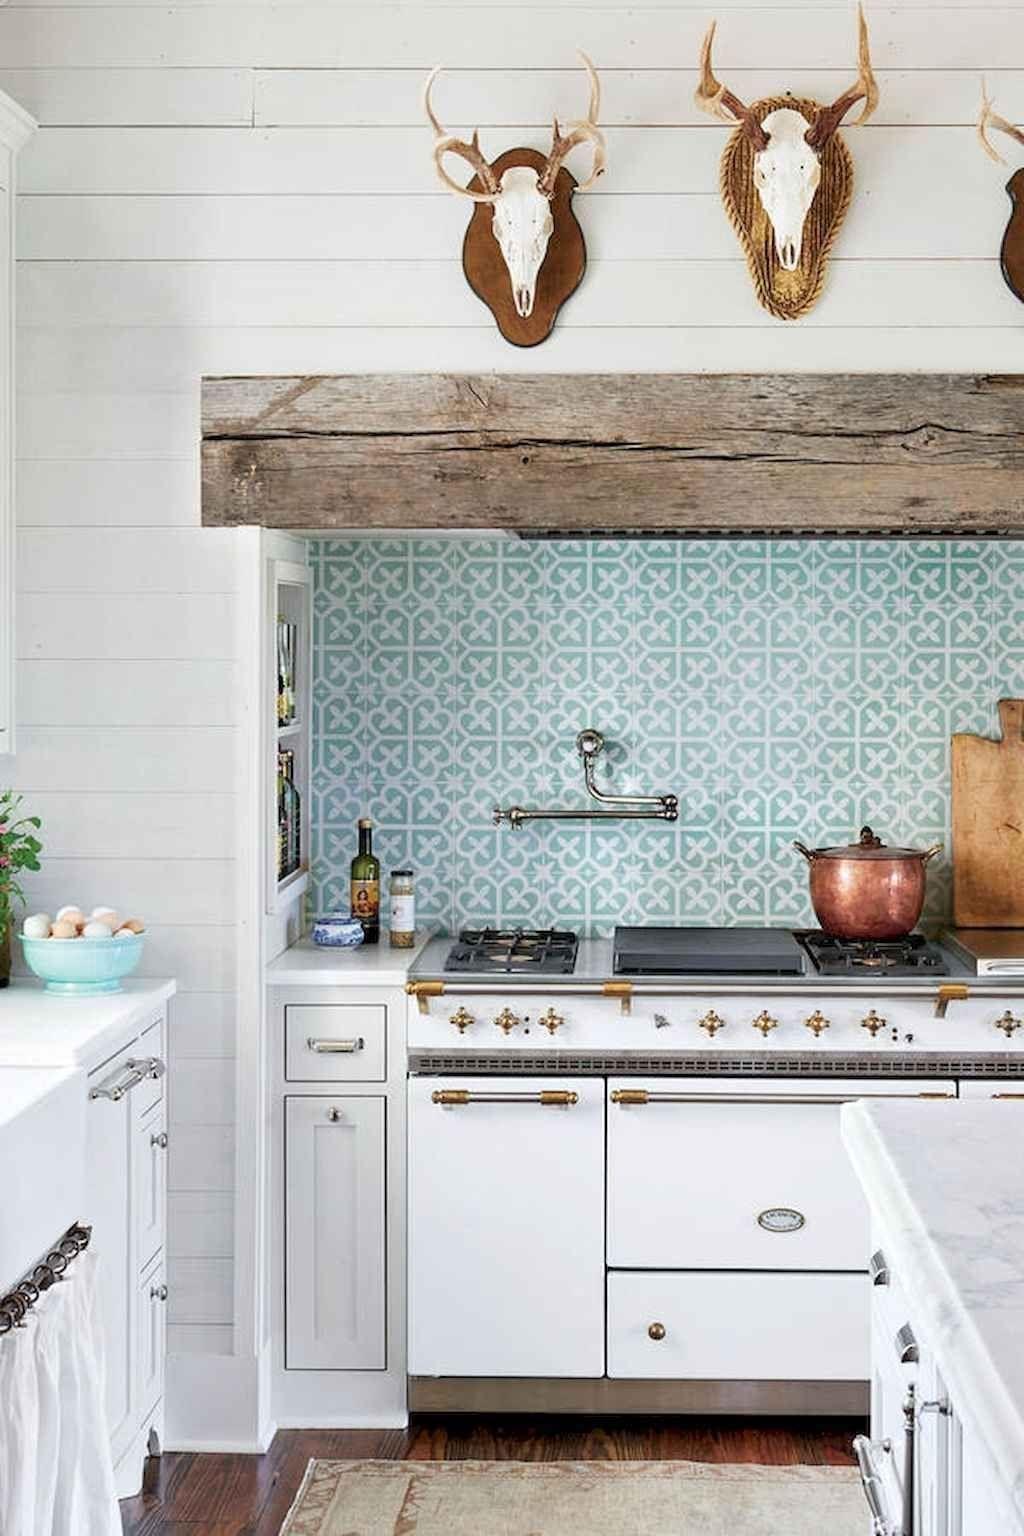 32 Popular Modern Farmhouse Kitchen Backsplash Ideas Farmhouse Kitchen Backsplash Farmhouse Style Kitchen Kitchen Styling